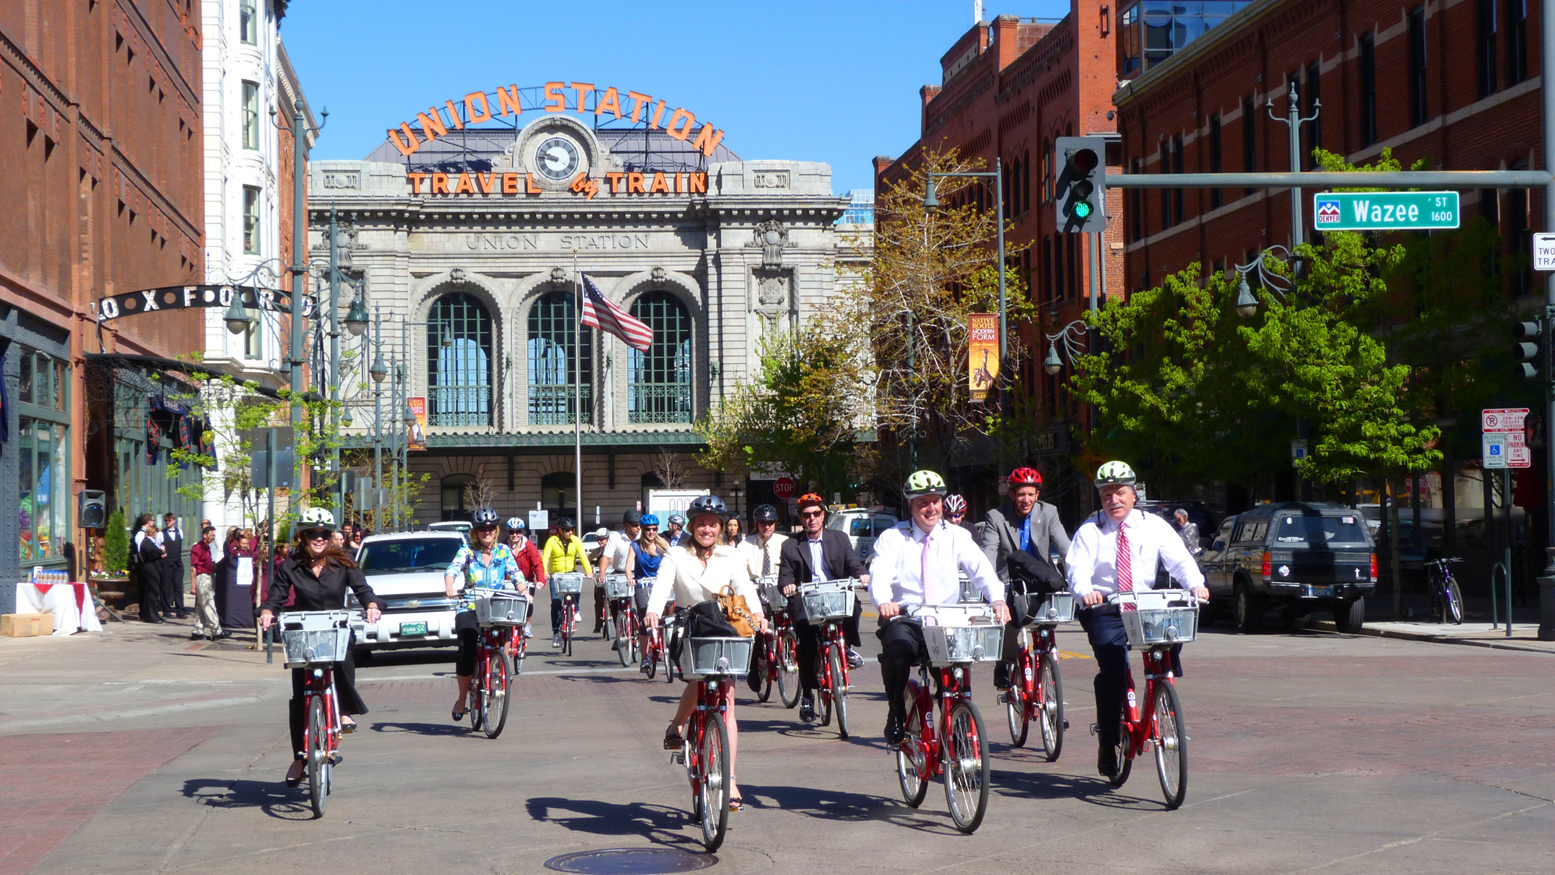 B-cycle Denver